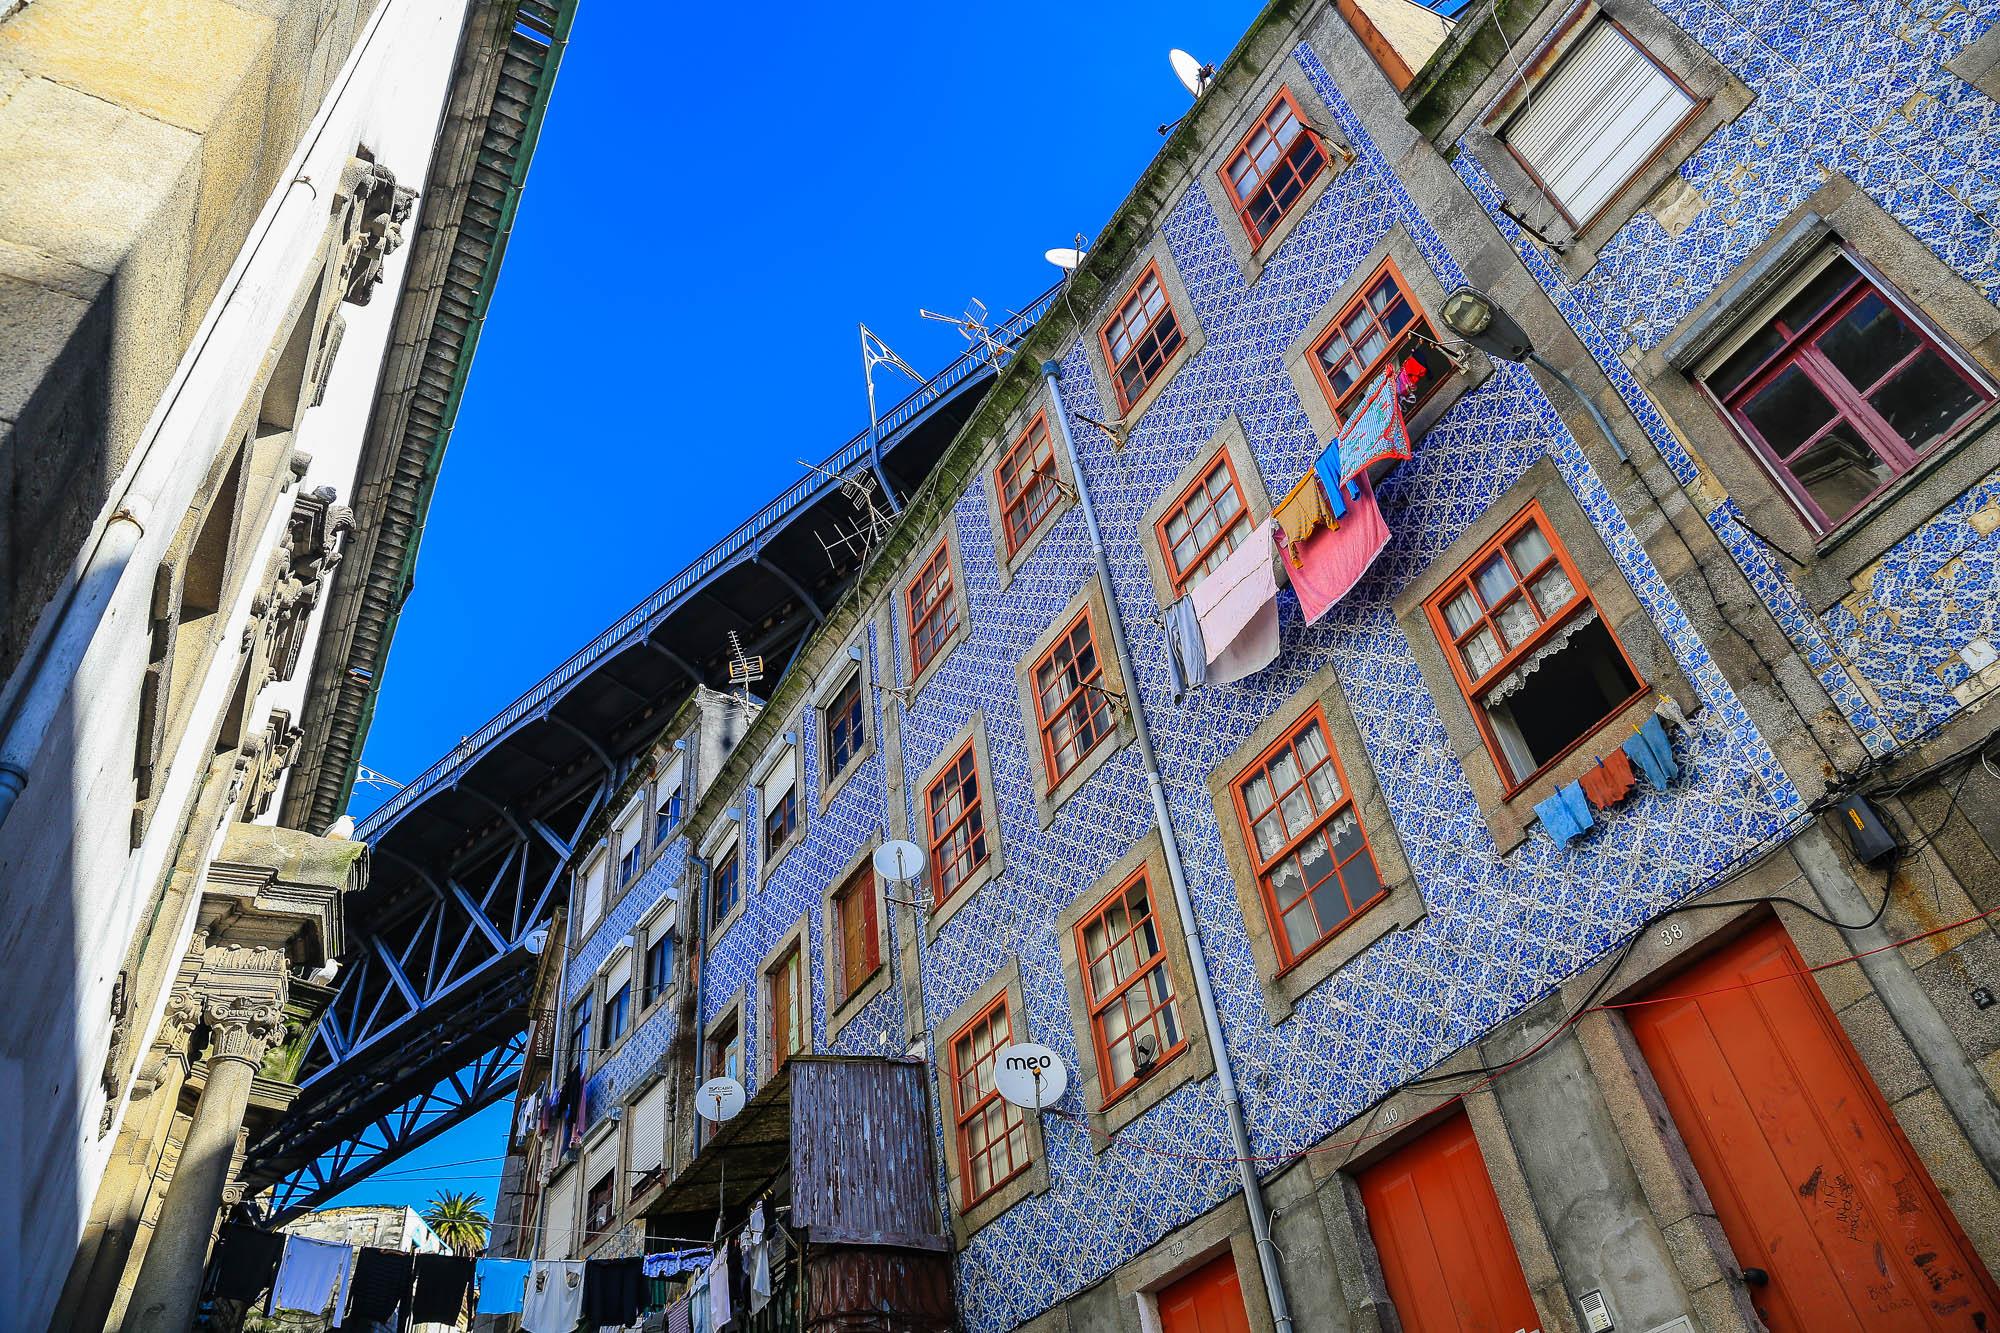 PORTUGAL-2012-jusmedic-#942